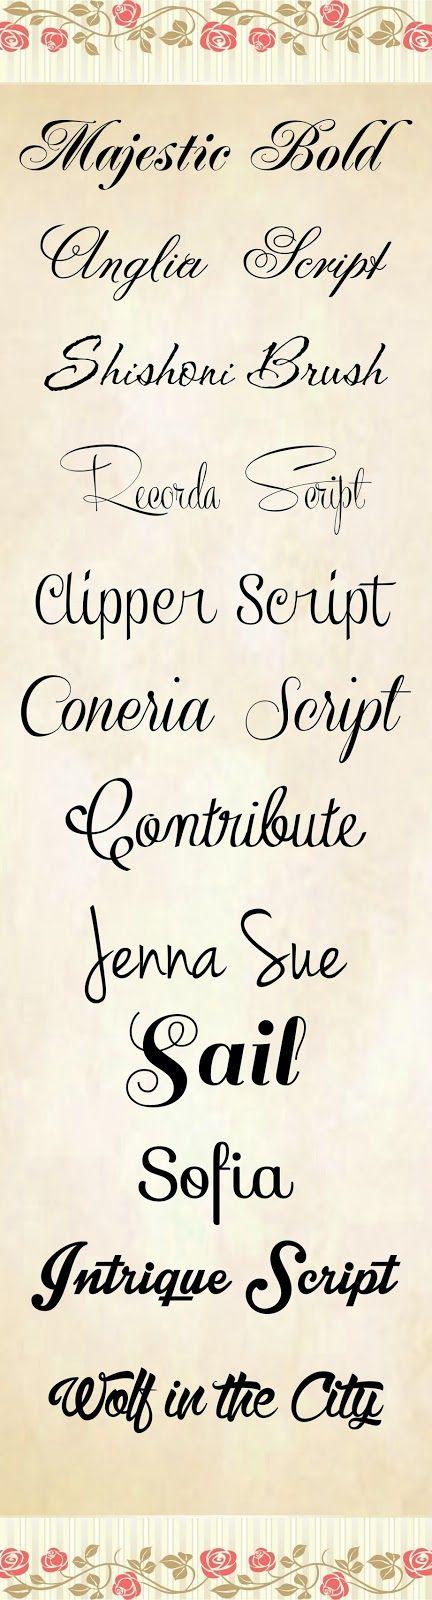 99 Tipos De Letras O Fuentes Cursivas Para Crear Tarjetas De